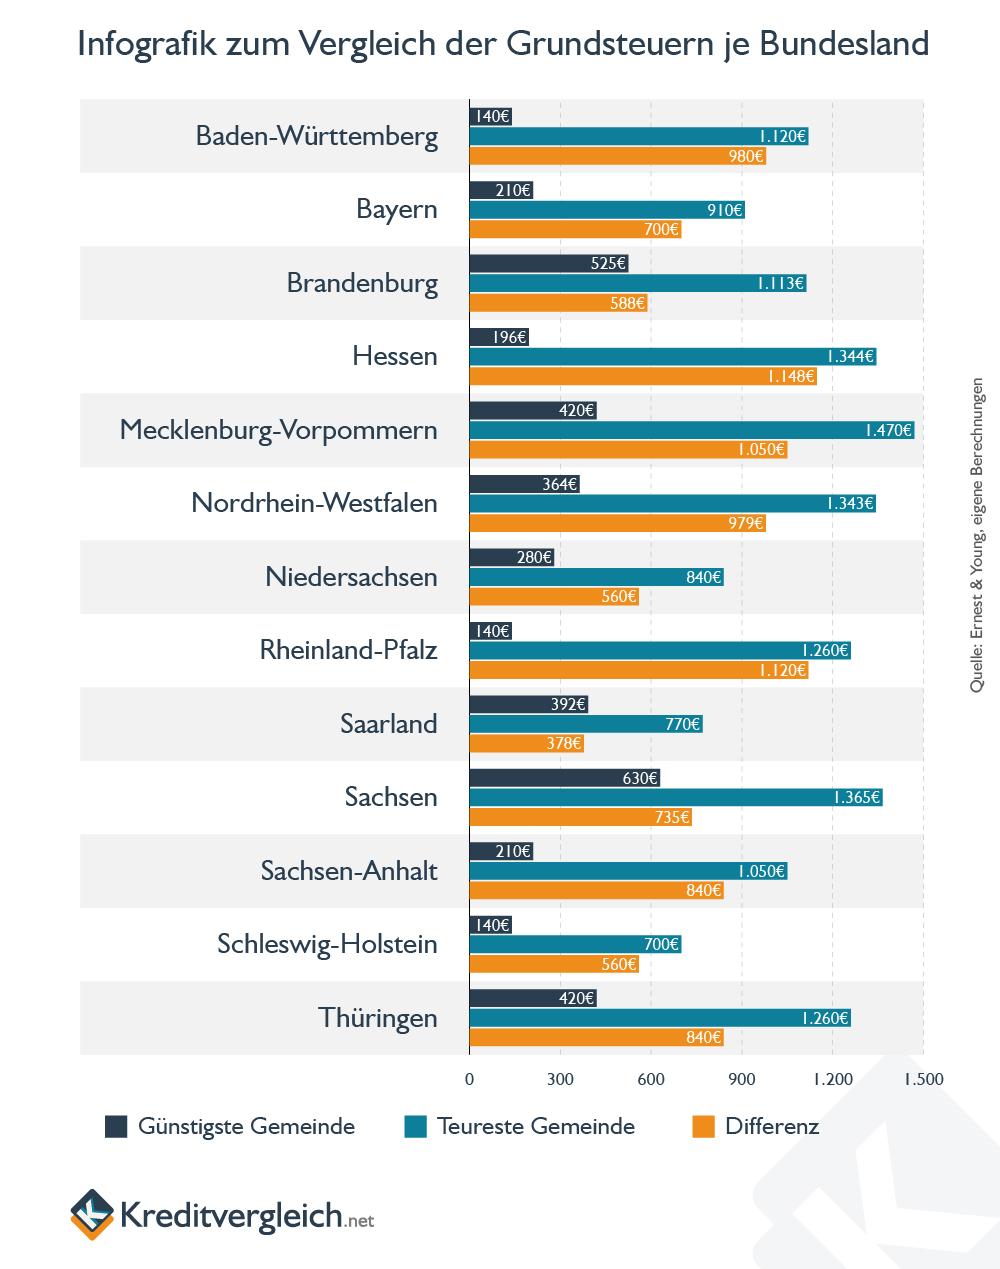 Horizontales Balkendiagramm zum Vergleich der Grundsteuer innerhalb der Bundesländer